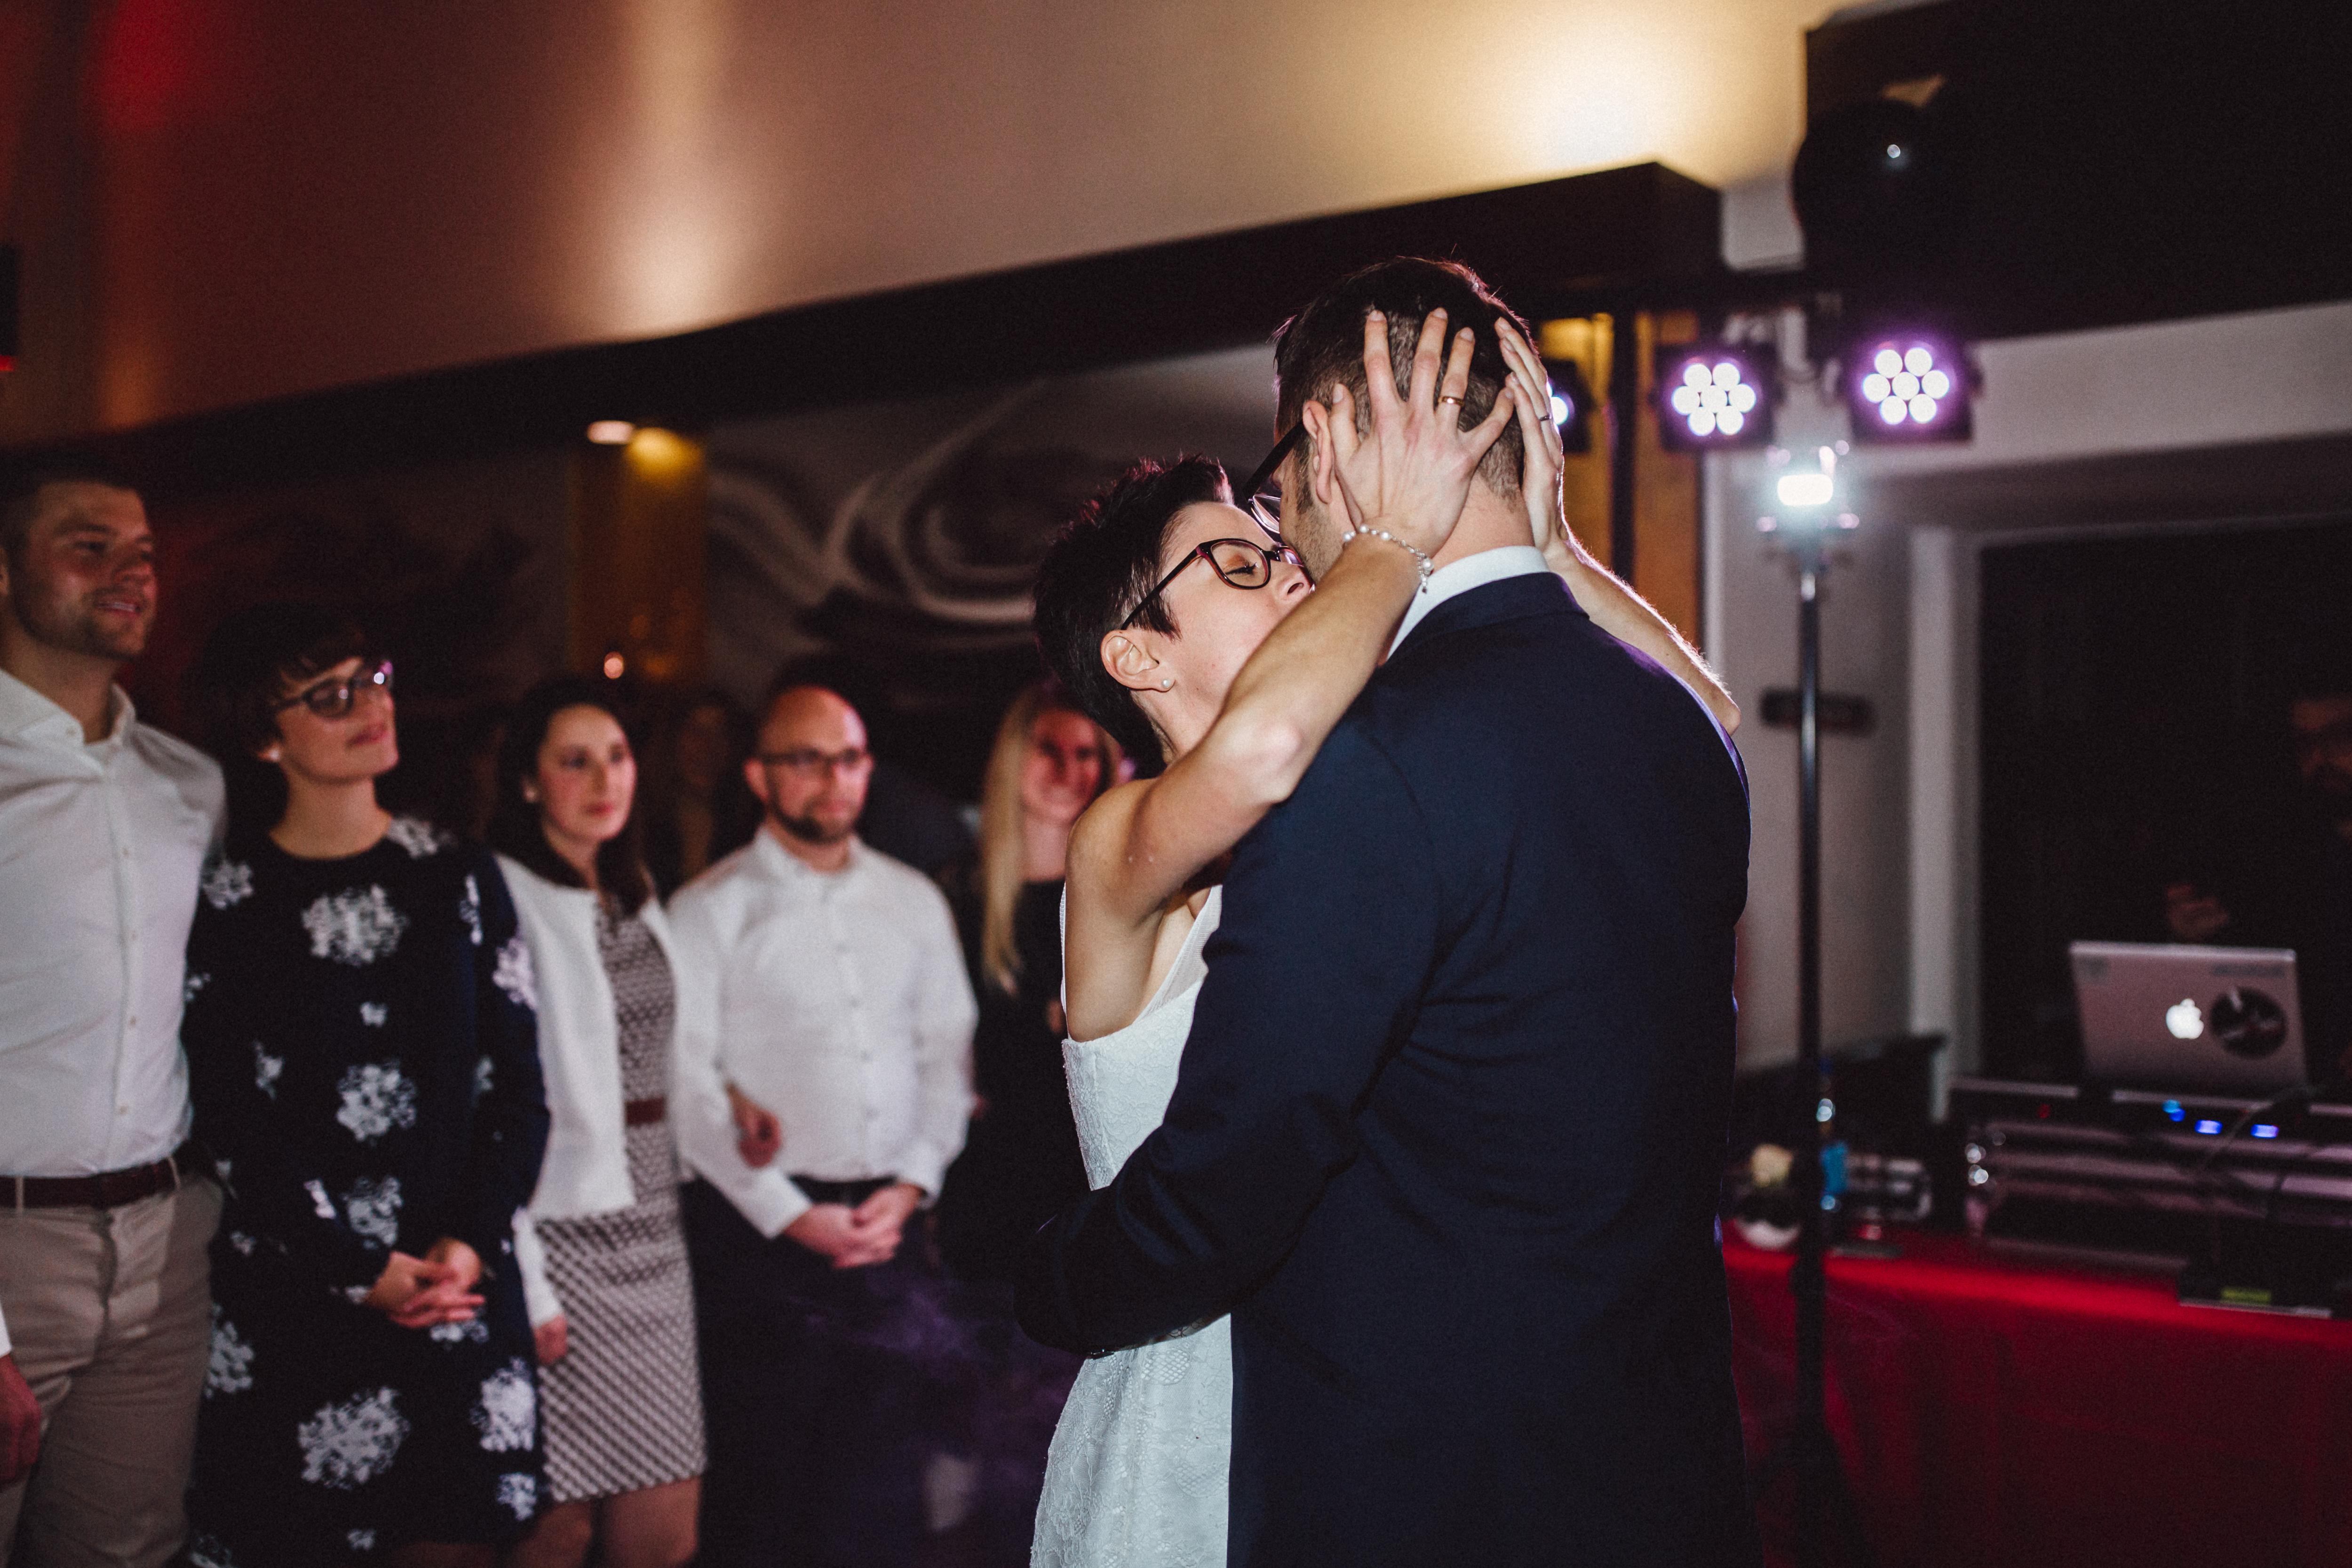 URBANERIE_Daniela_Goth_Hochzeitsfotografin_Nürnberg_Fürth_Erlangen_Schwabach_171028_0474